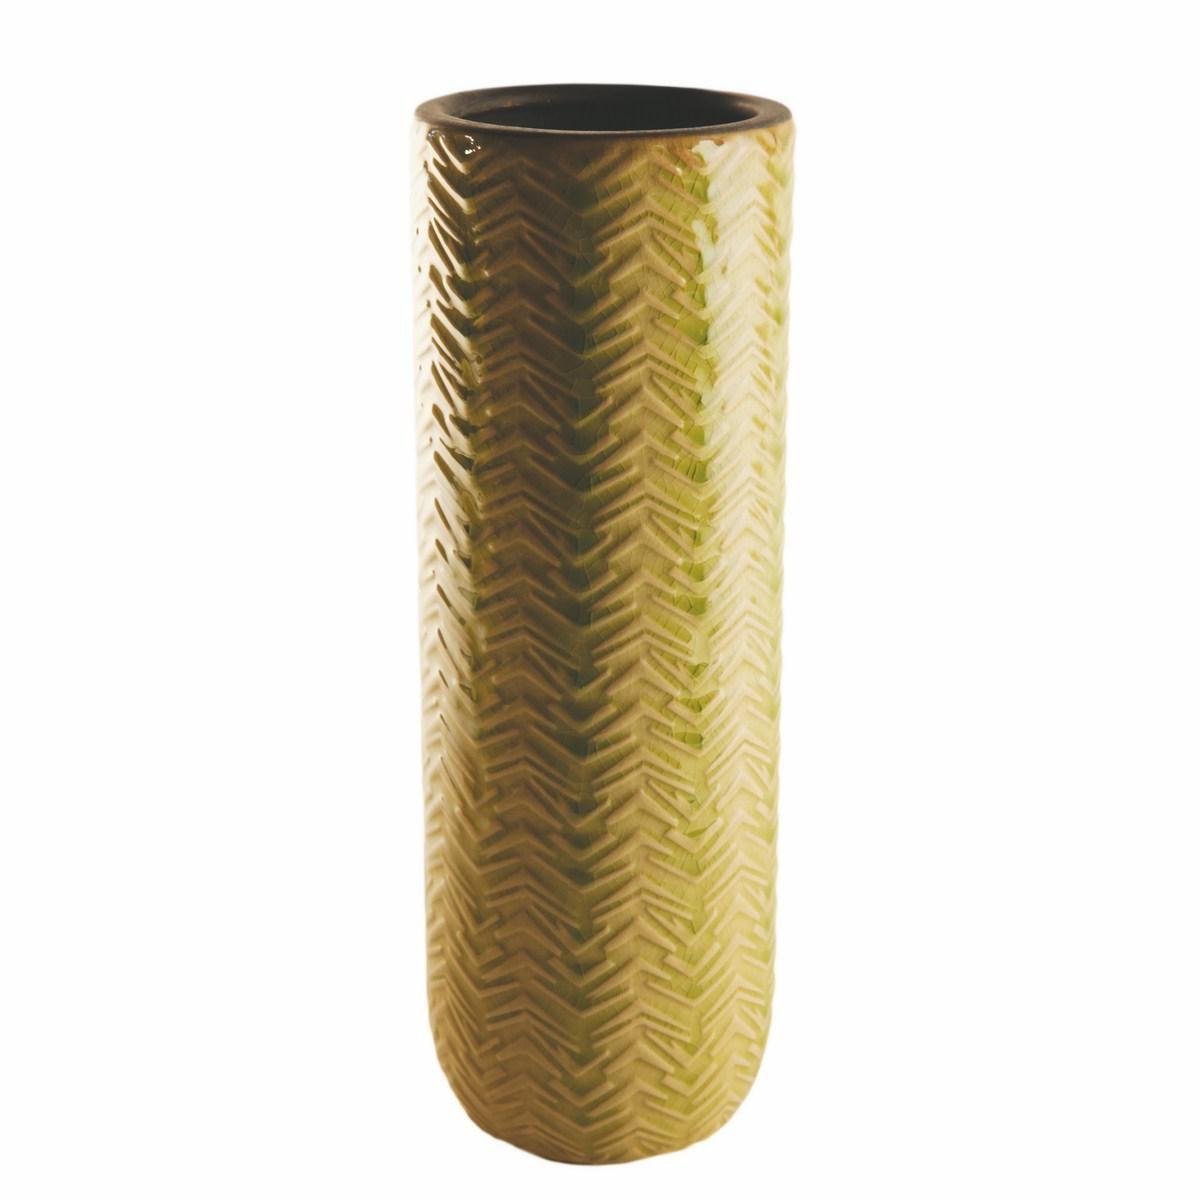 Totem vase moyen modèle sia for the home pinterest totems